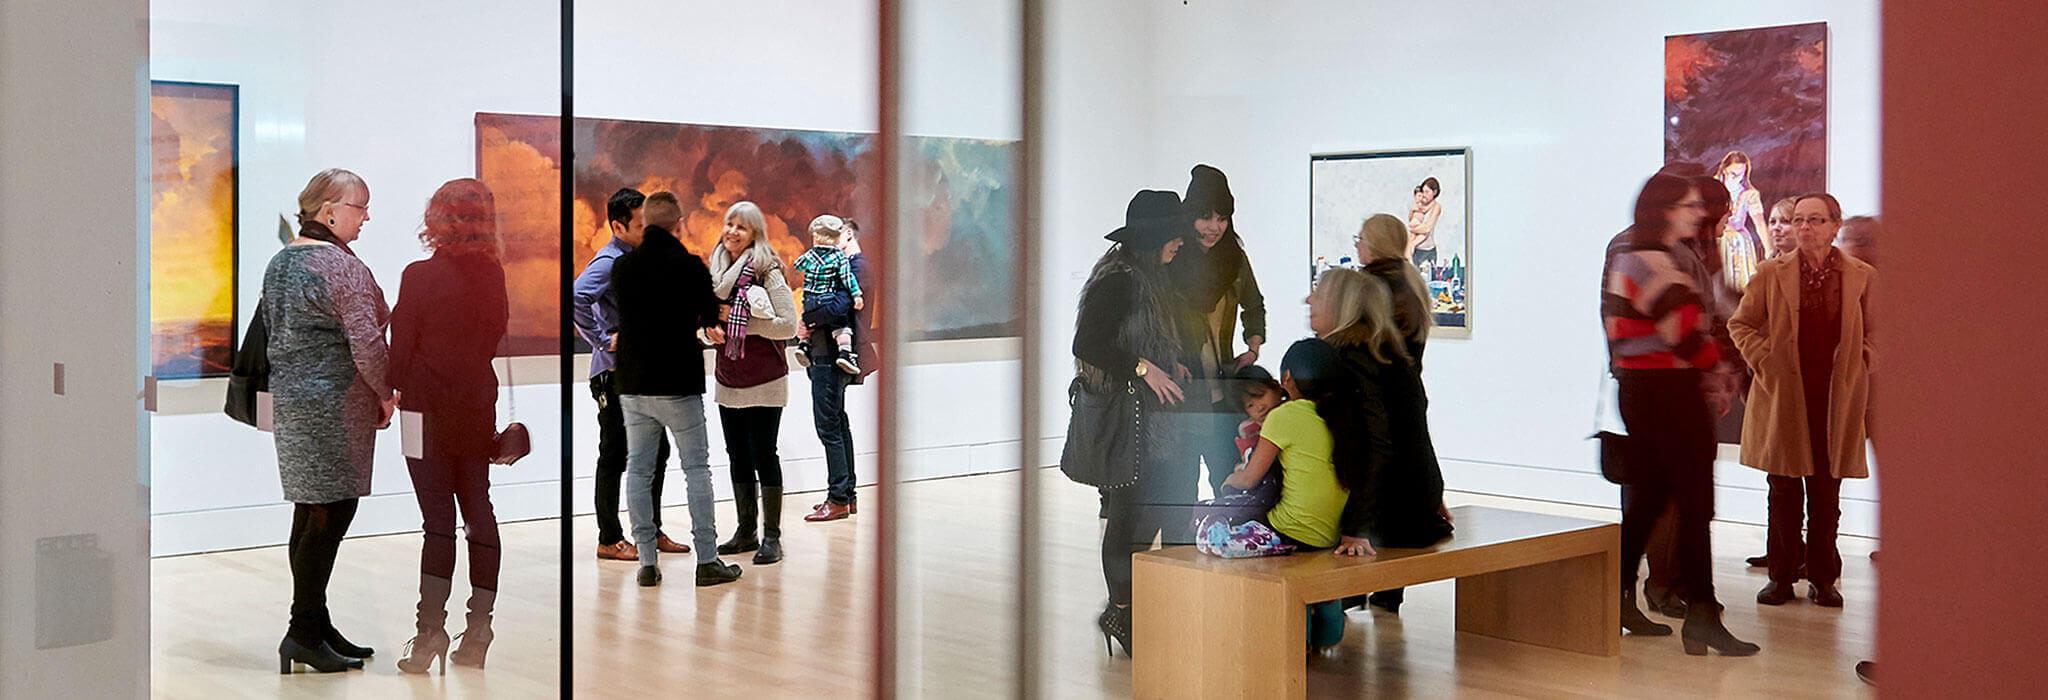 Art Gallery of Hamilton - Board of Directors